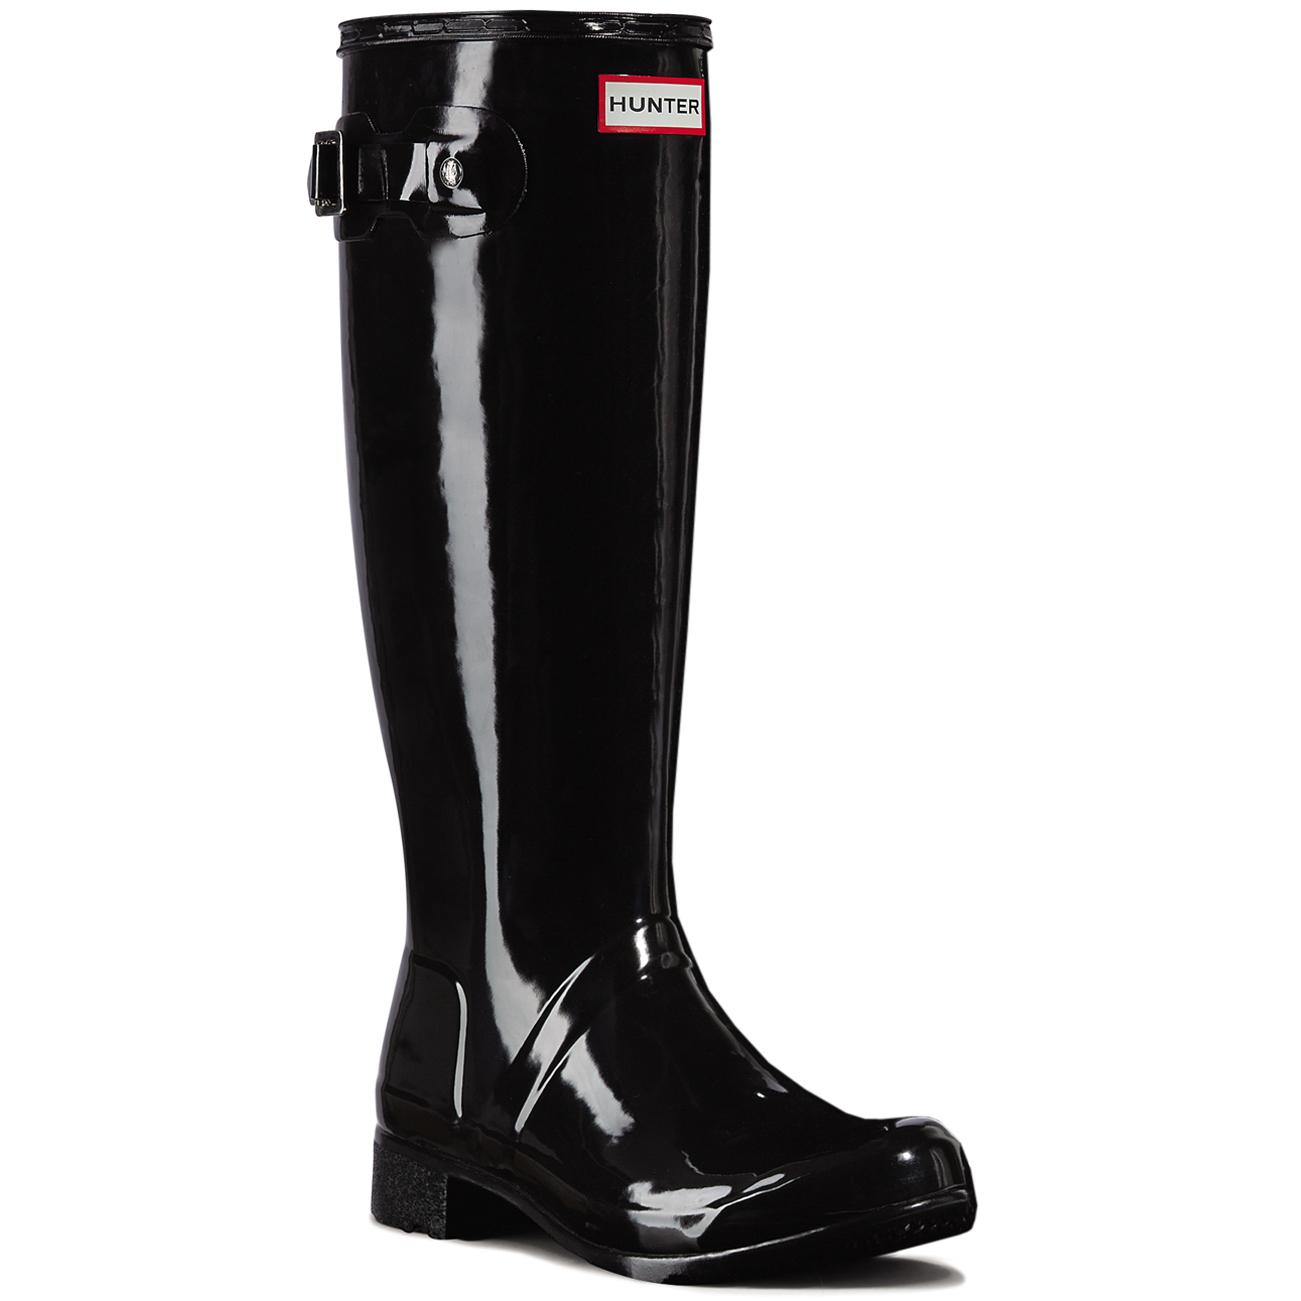 84ad73428a Details about Womens Hunter Original Tour Gloss Wellingtons Wellies Winter  Rain Boots UK 3-9